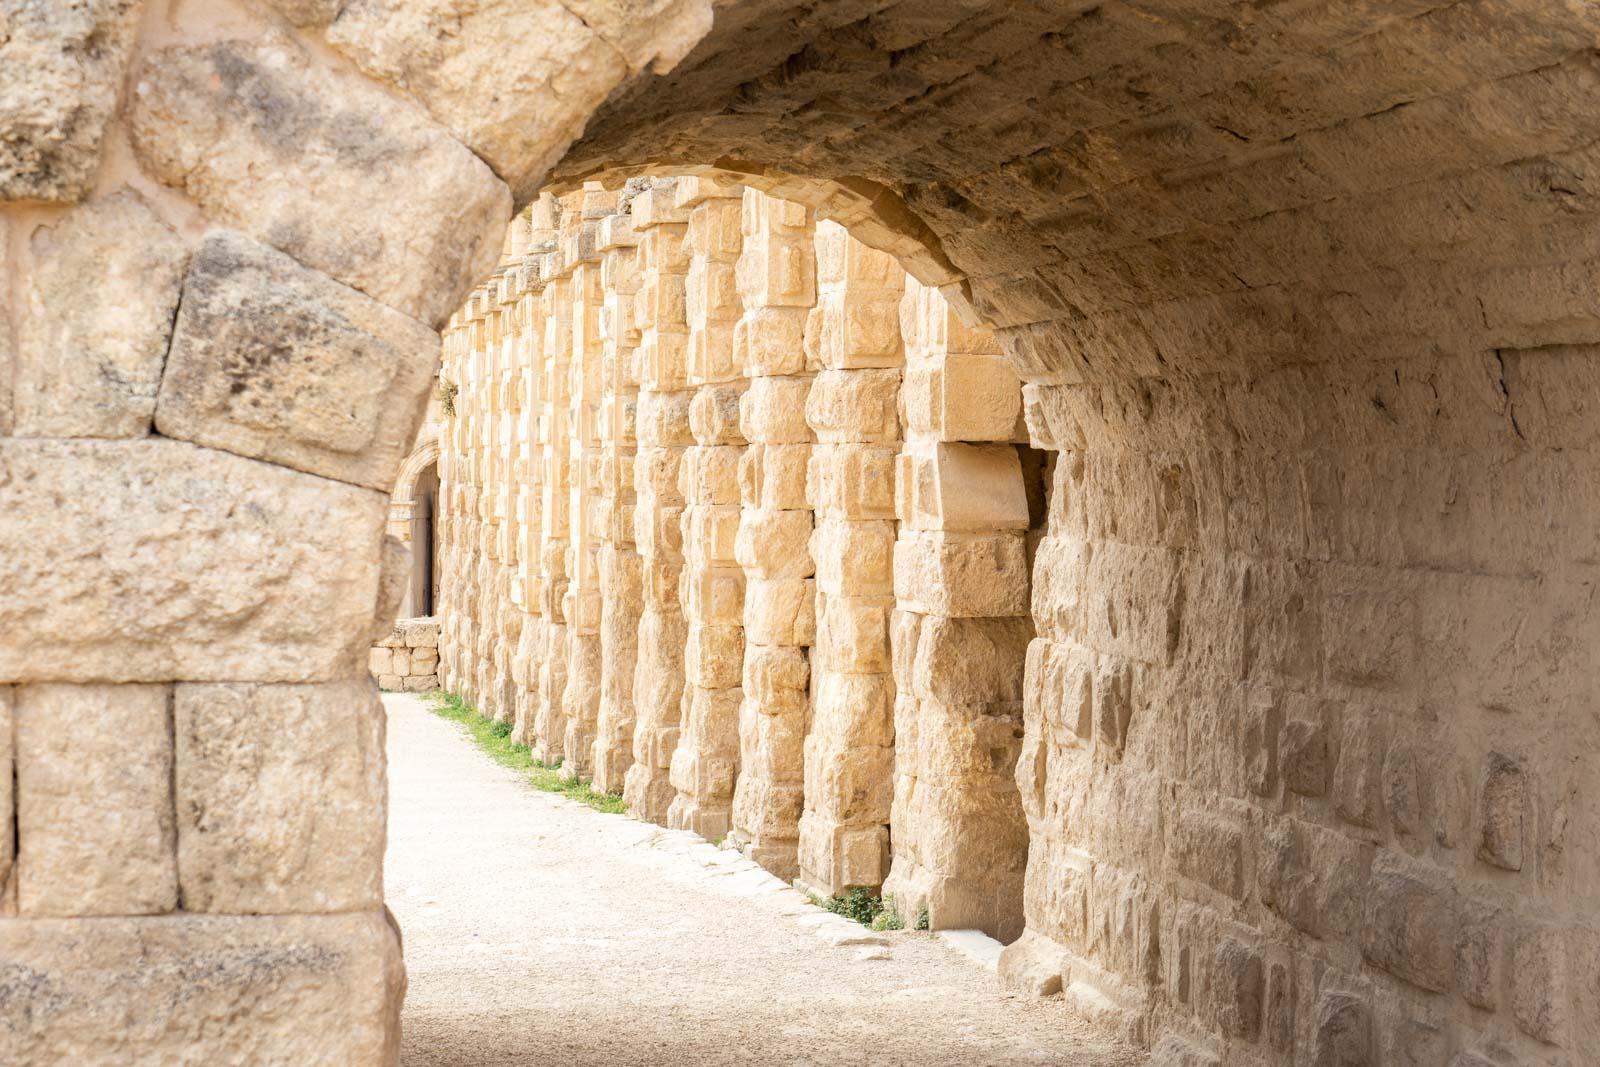 Jerash Roman ruins, Jordan